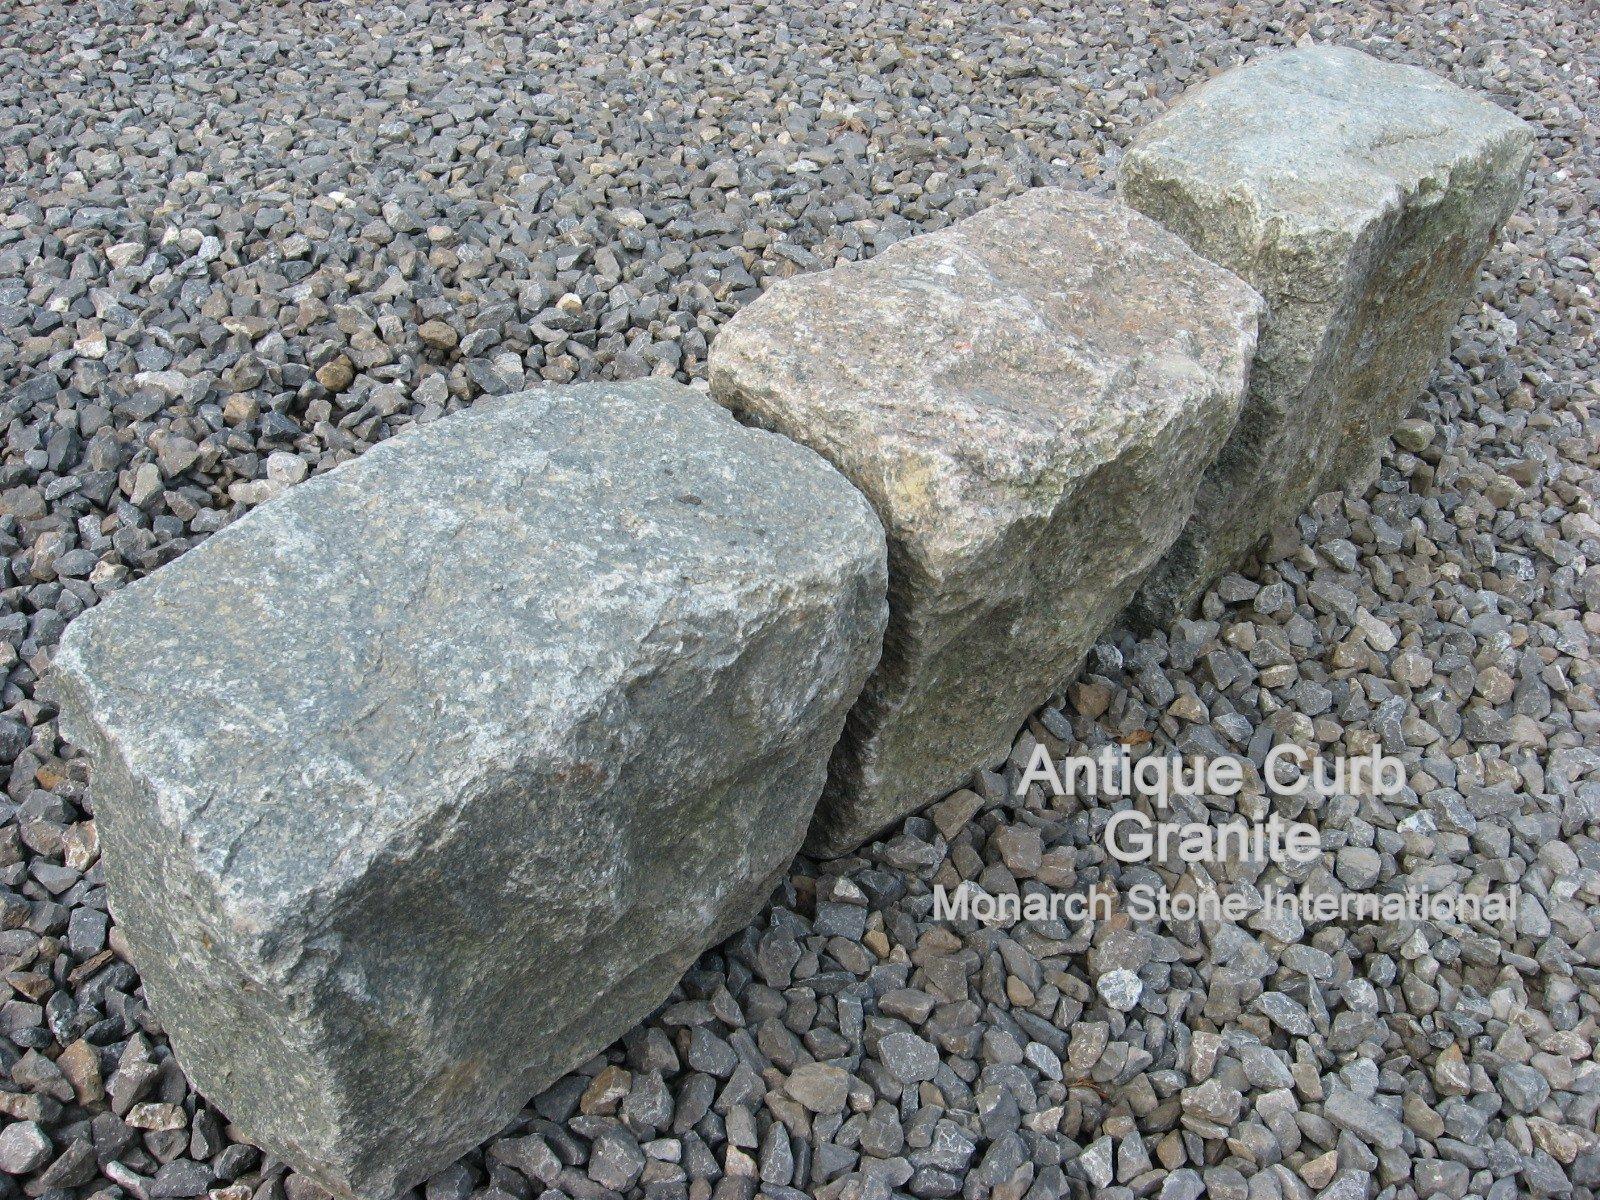 Antique Curbing